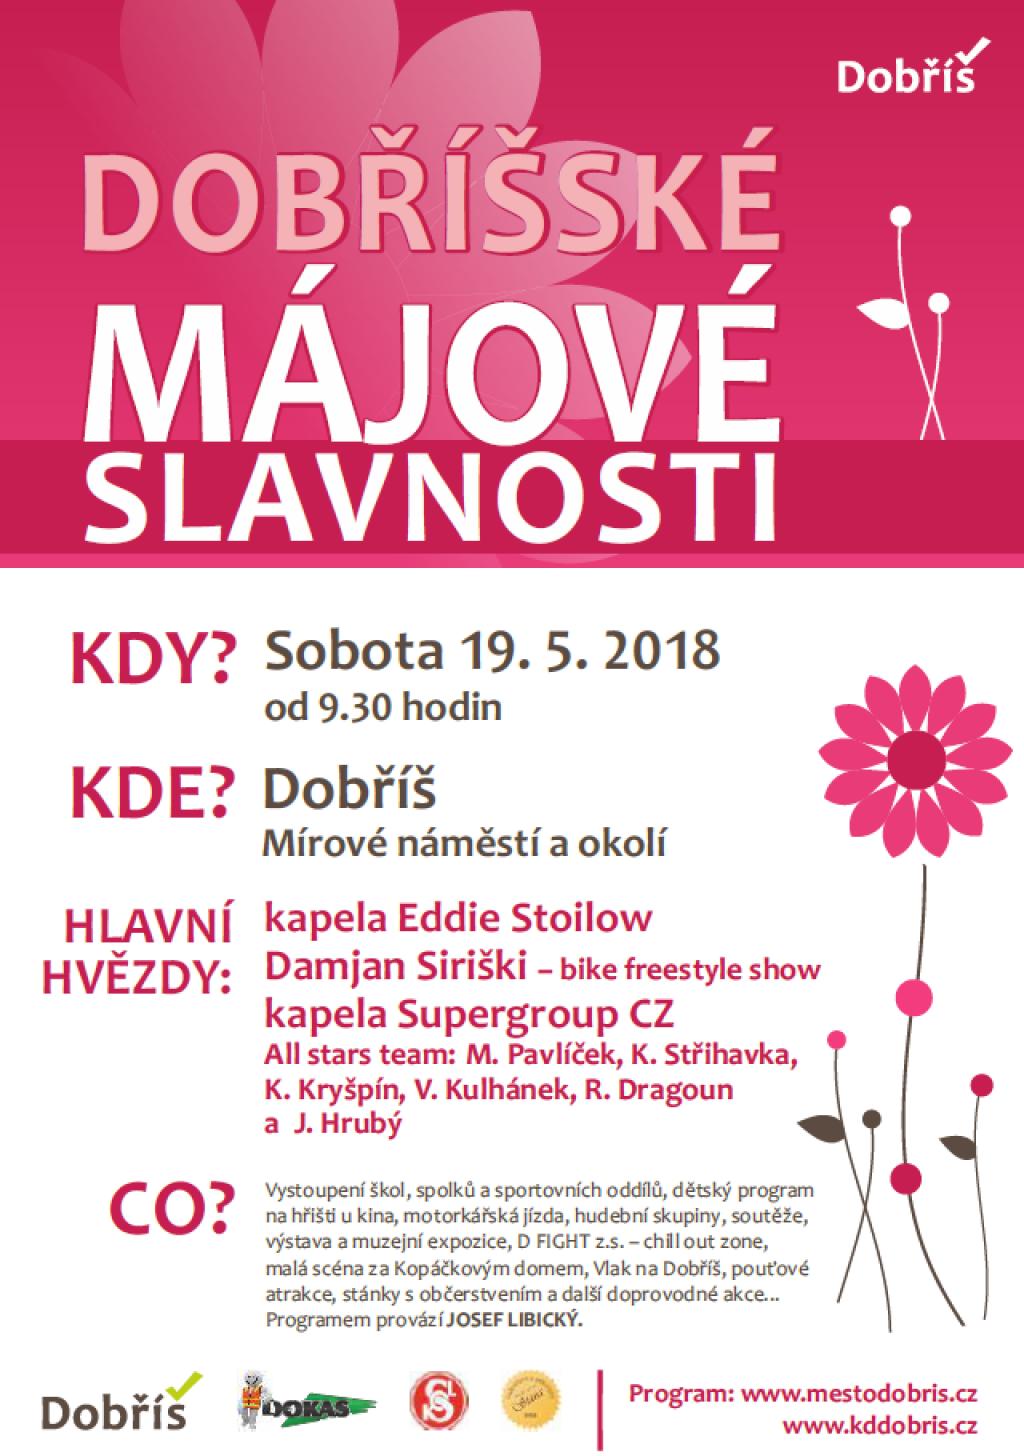 Dobříšské májové slavnosti 2018